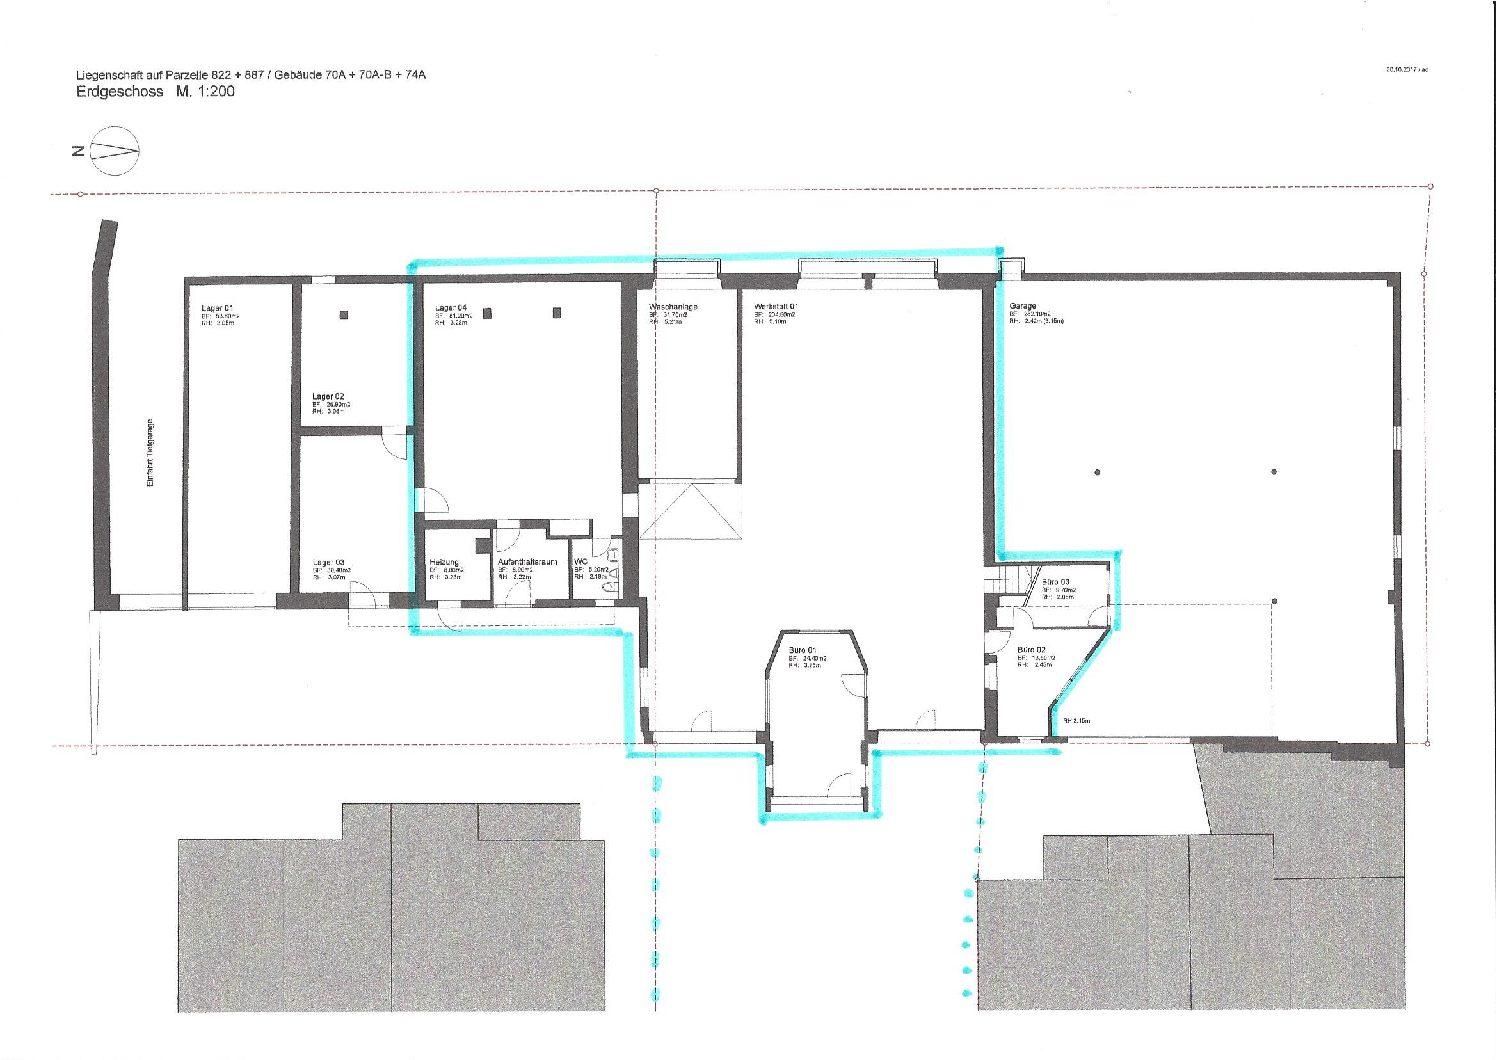 werkhalle und magazin regionviamala. Black Bedroom Furniture Sets. Home Design Ideas